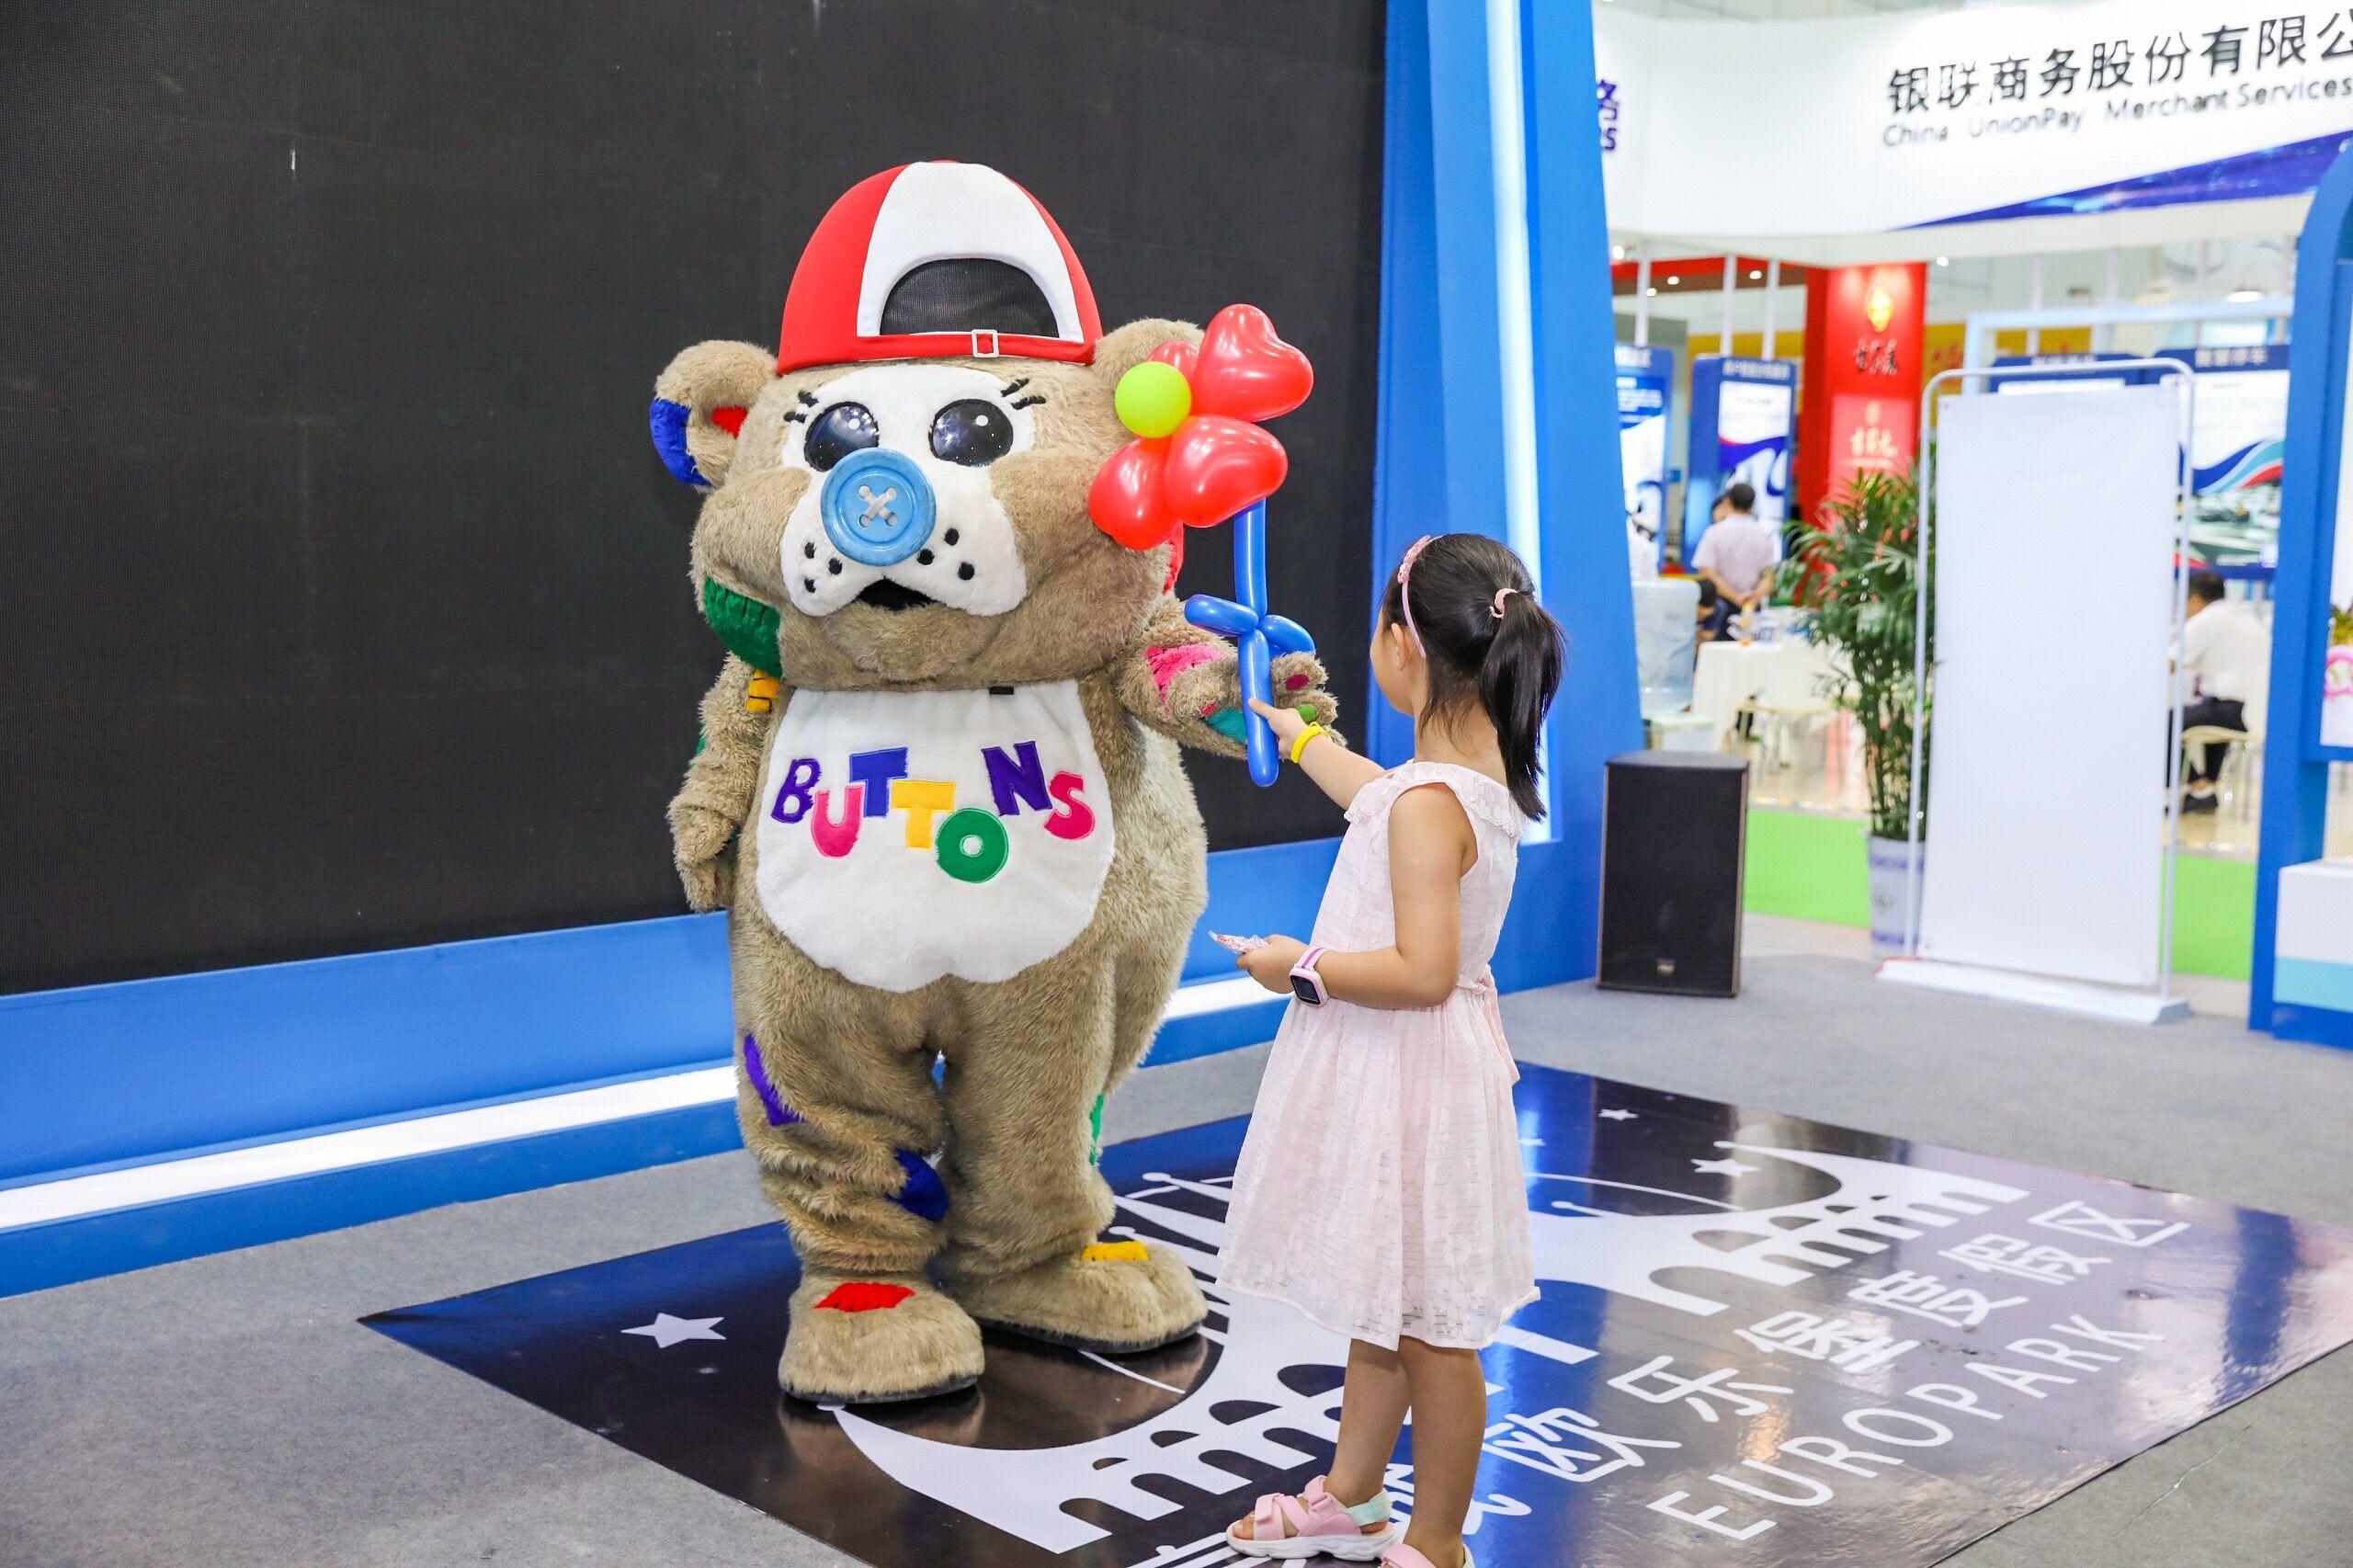 速来!首届山东精品旅游产业博览会看点十足